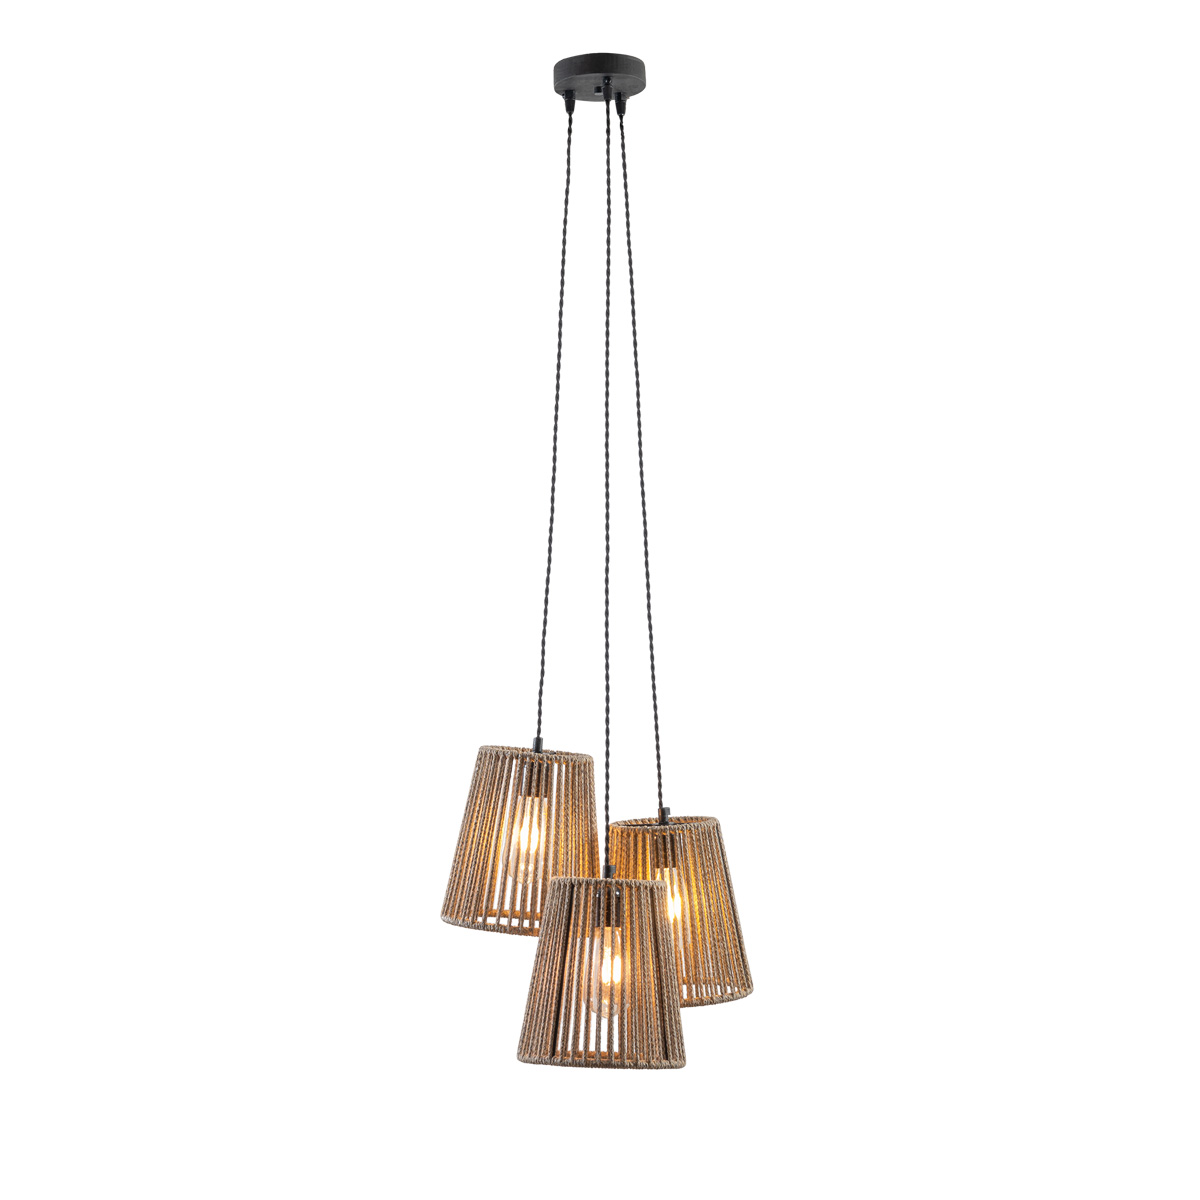 Τρίφωτο χειροποίητο φωτιστικό CORD 3-bulb handmade light fixture